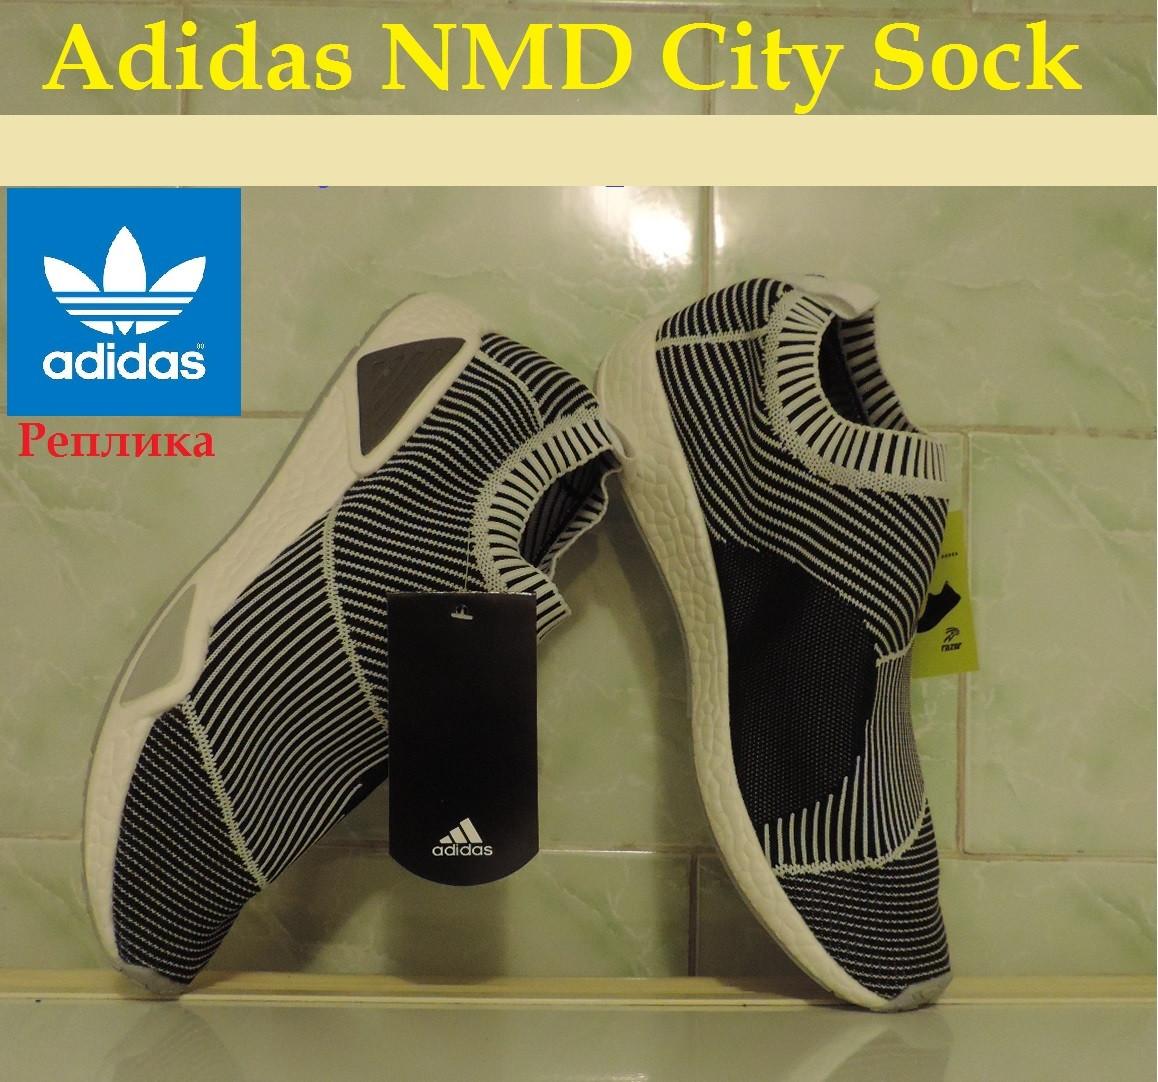 Кроссовки мужские Adidas NMD Сity Sock (CS1PK). Беговые кроссовки Адидас. Реплика